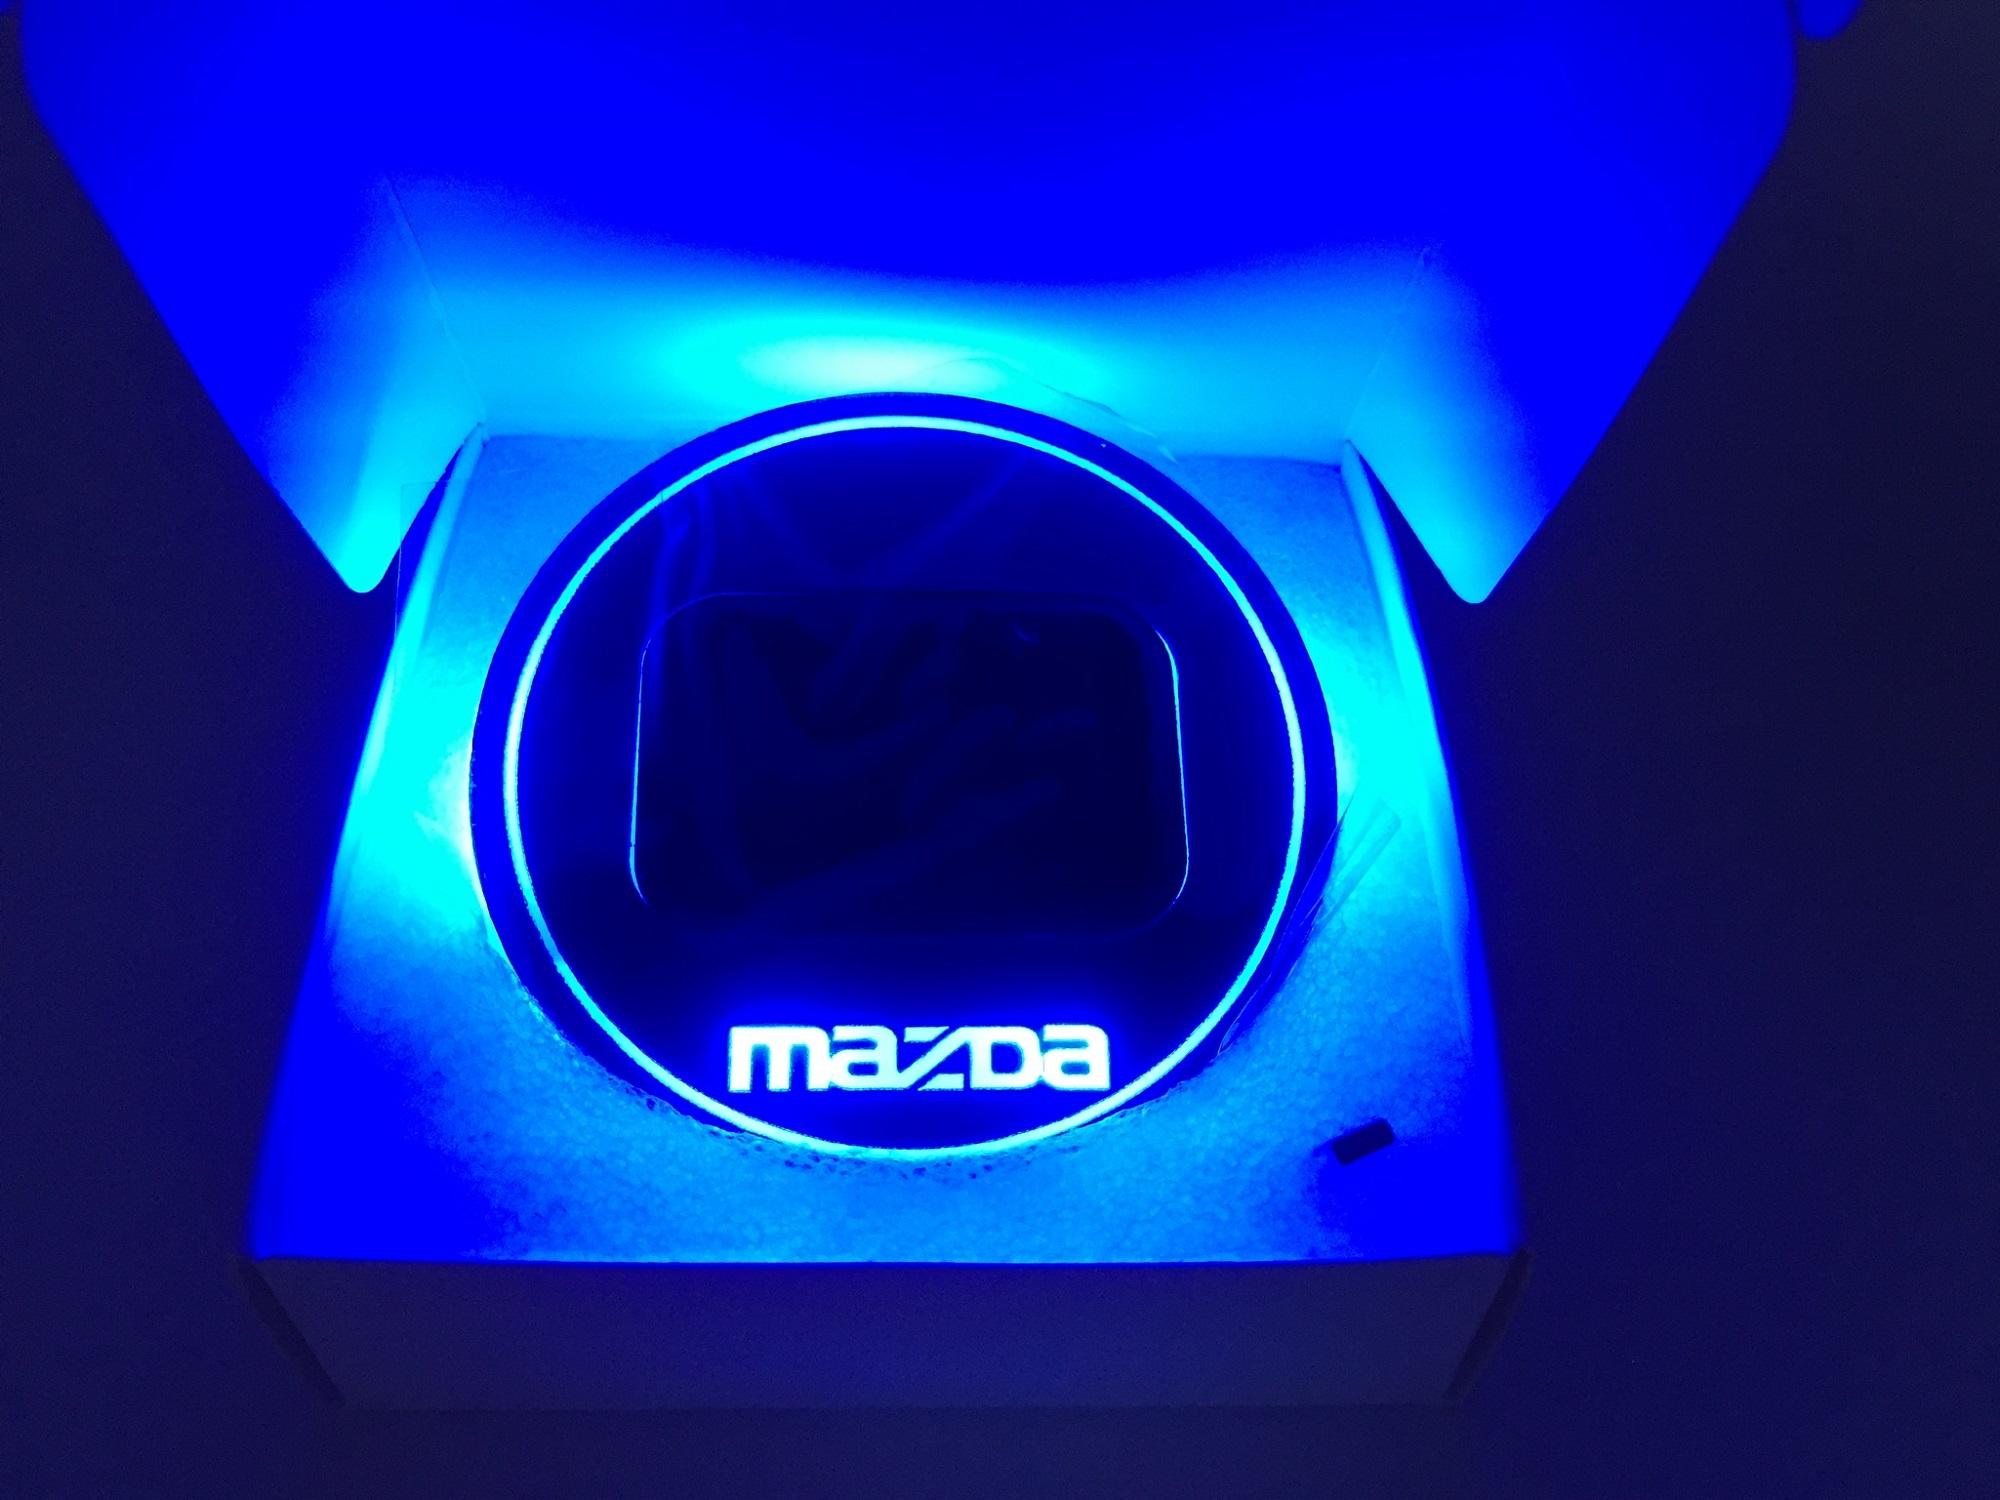 Mazda Blue สีฟ้า